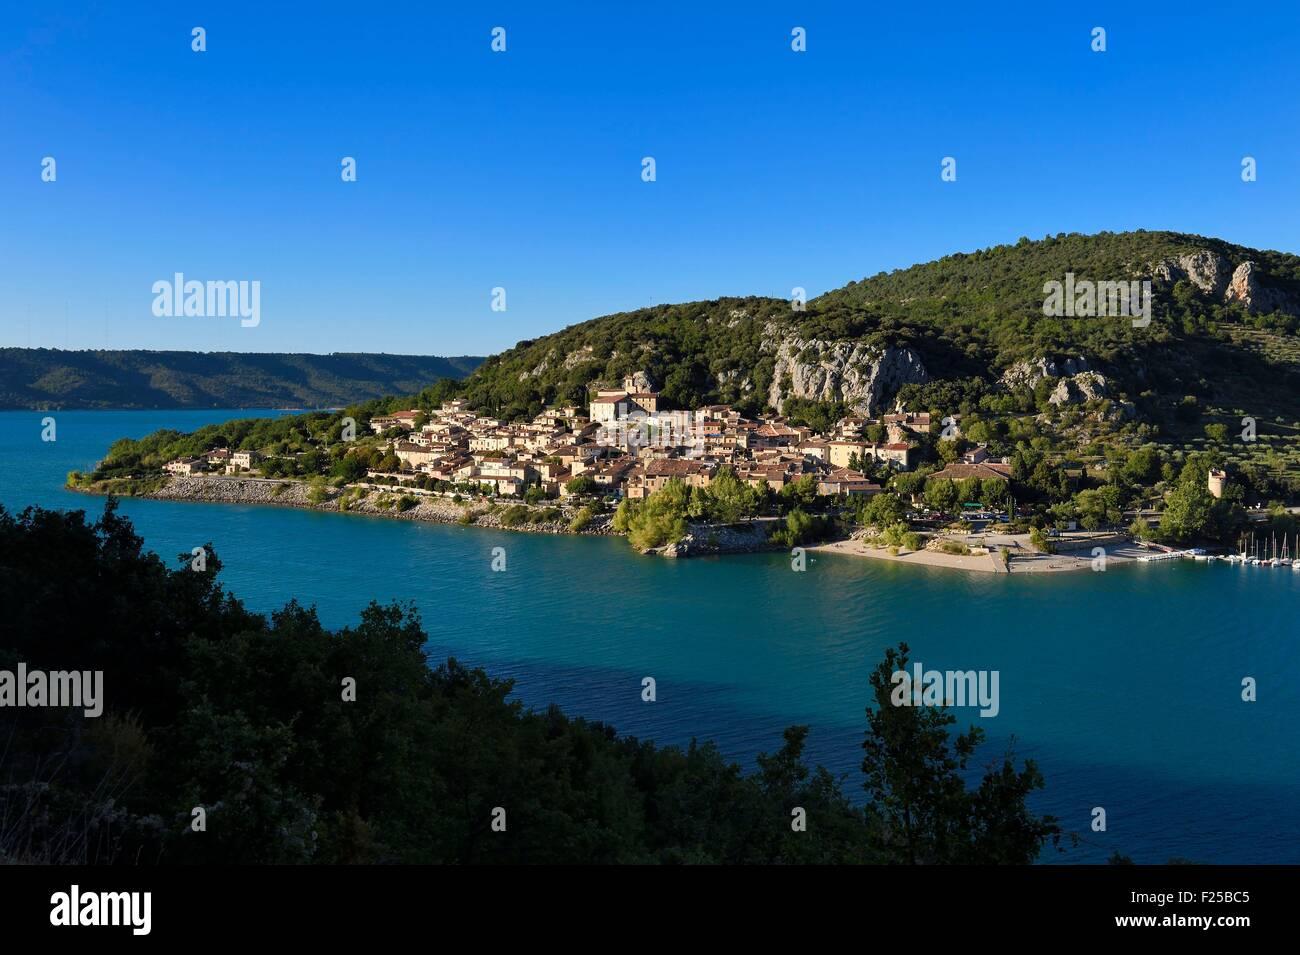 La France, Var, Parc Naturel Régional du Verdon, le village de Bauduen sur le Lac St Croix Banque D'Images